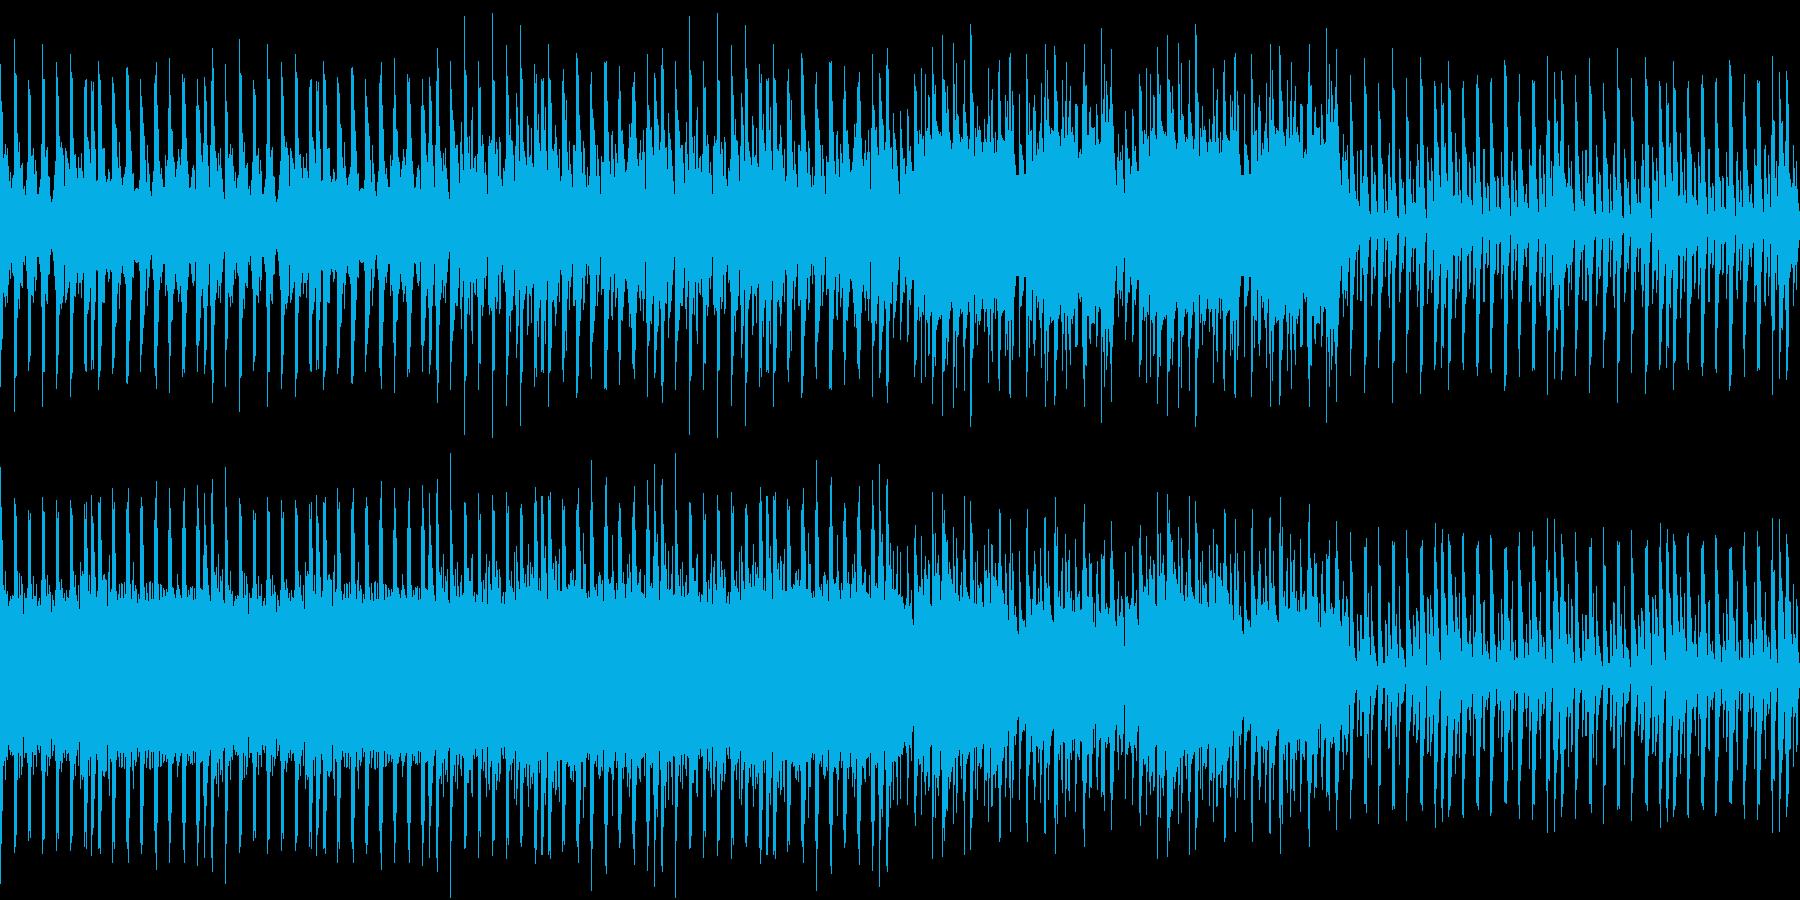 夏の空を飛んでいるような爽やかなEDMの再生済みの波形